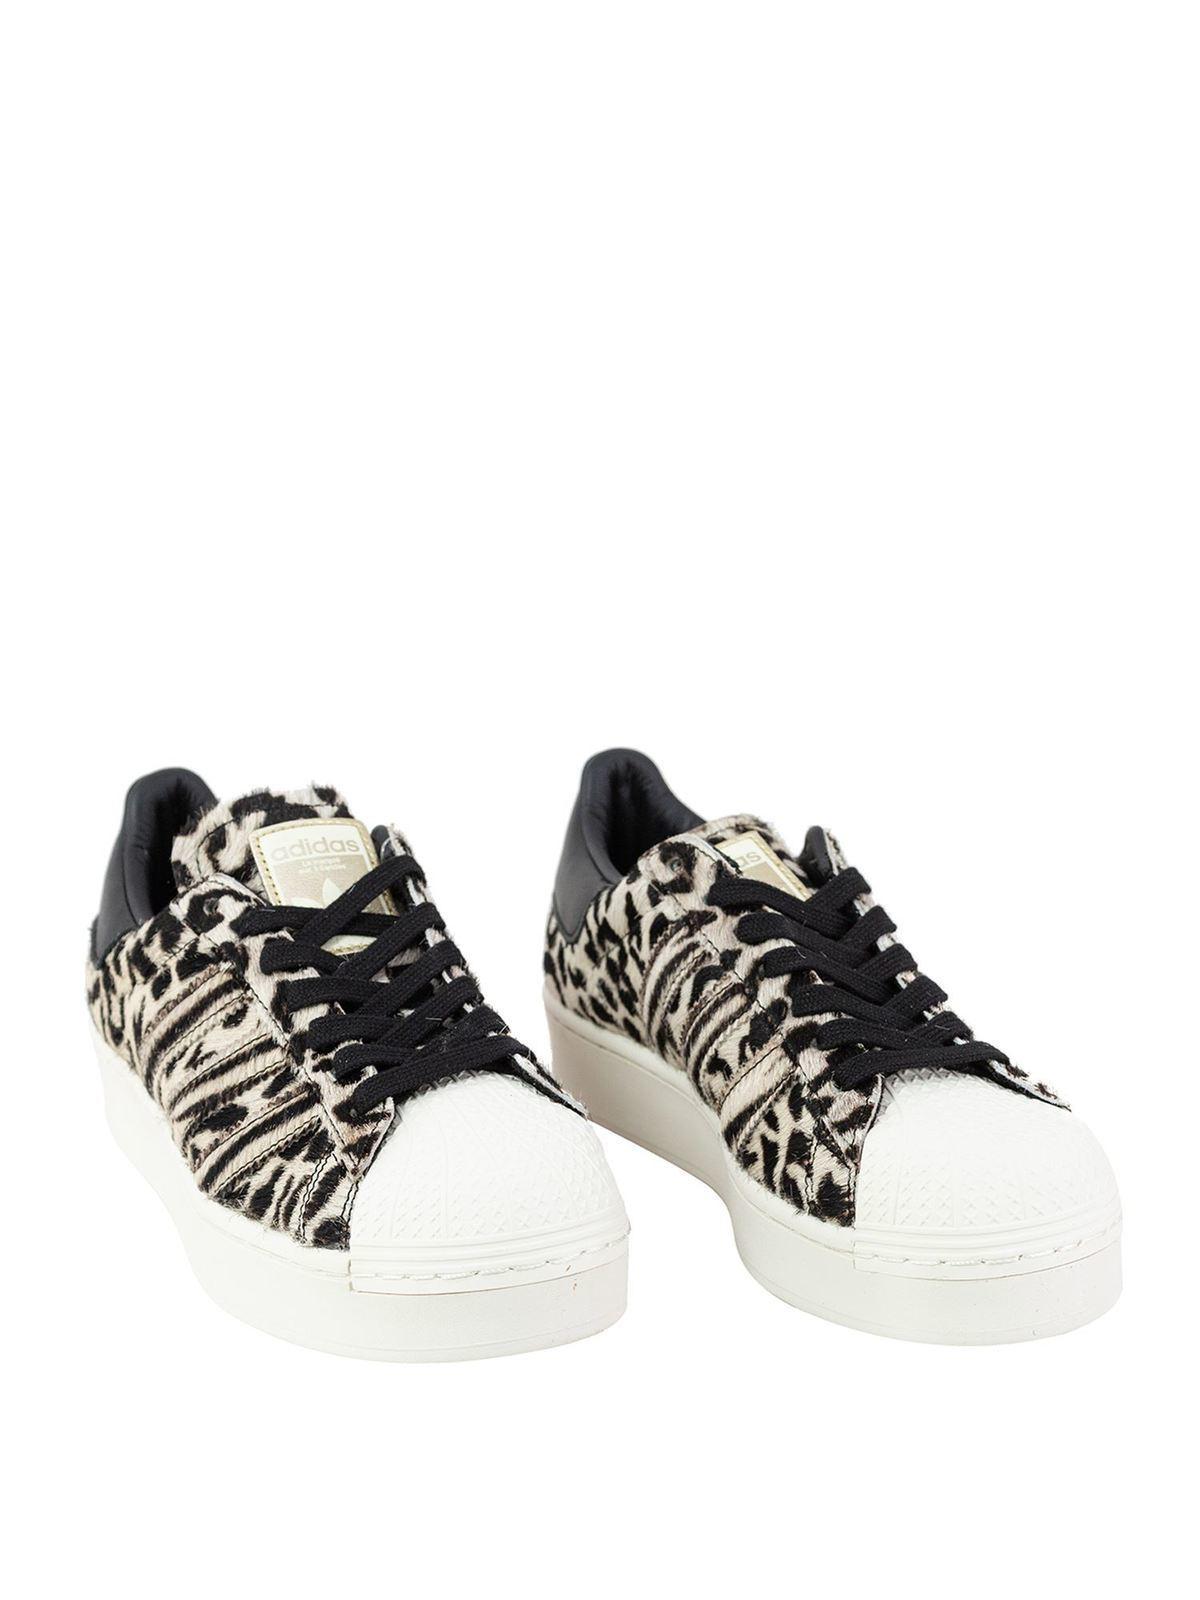 sneakers adidas animalier